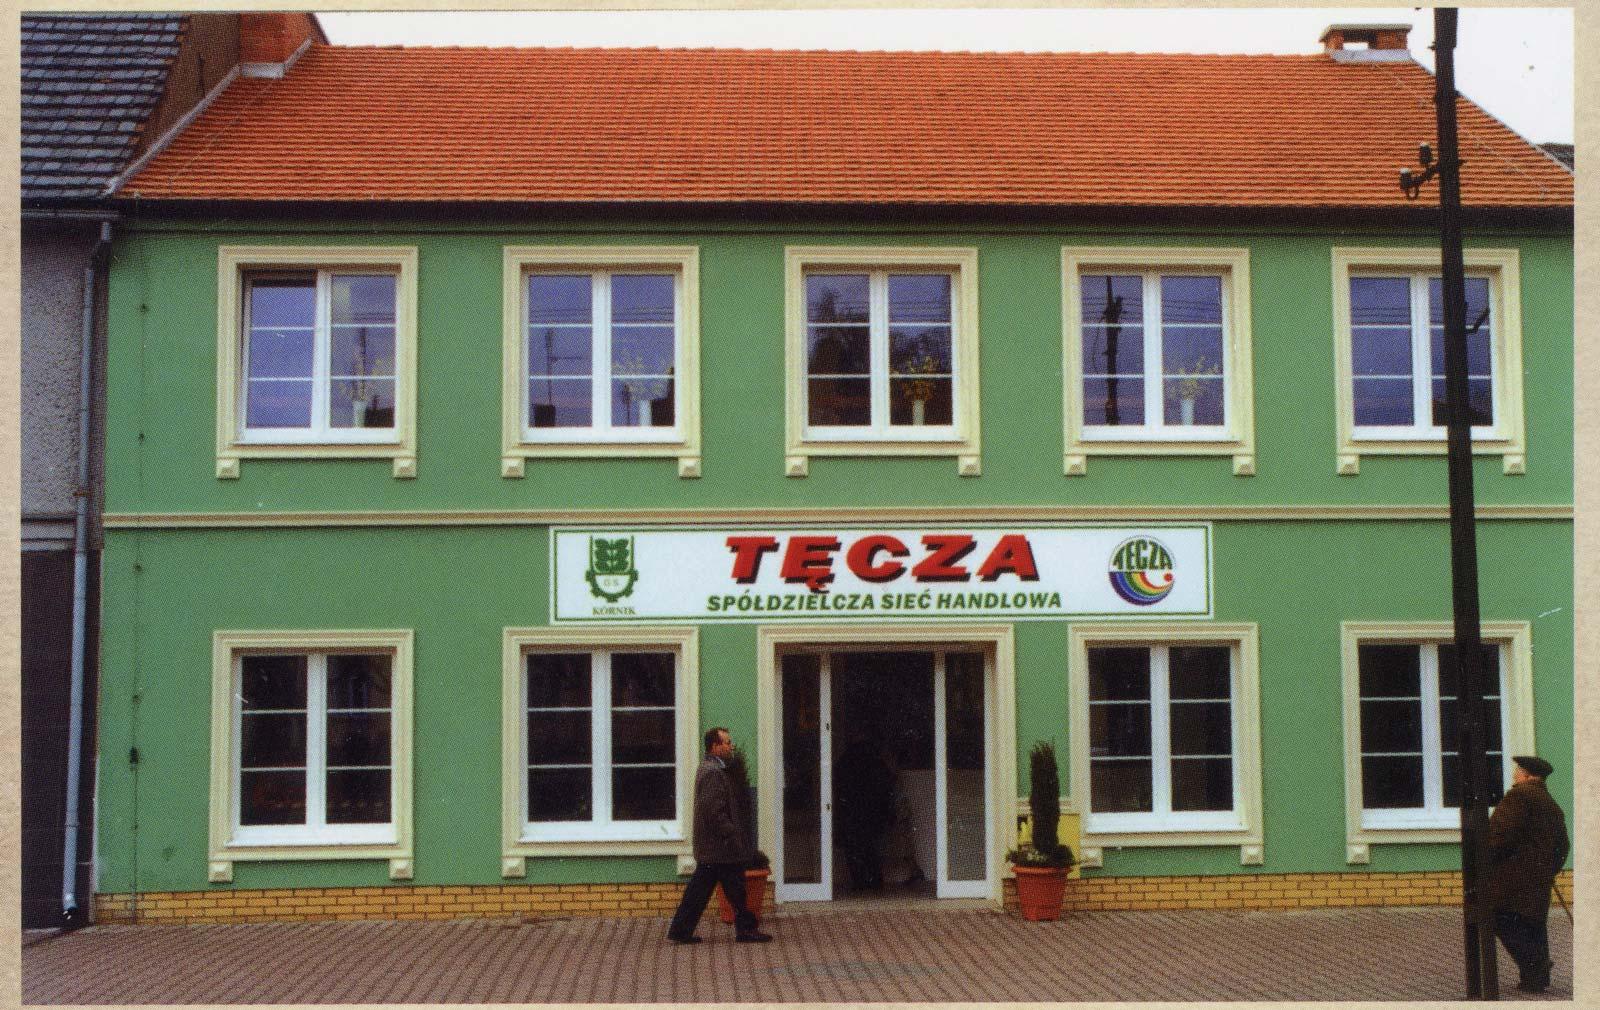 Plac Niepodległości 15 - 20.03.2000 - Dom Handlowy Tęcza